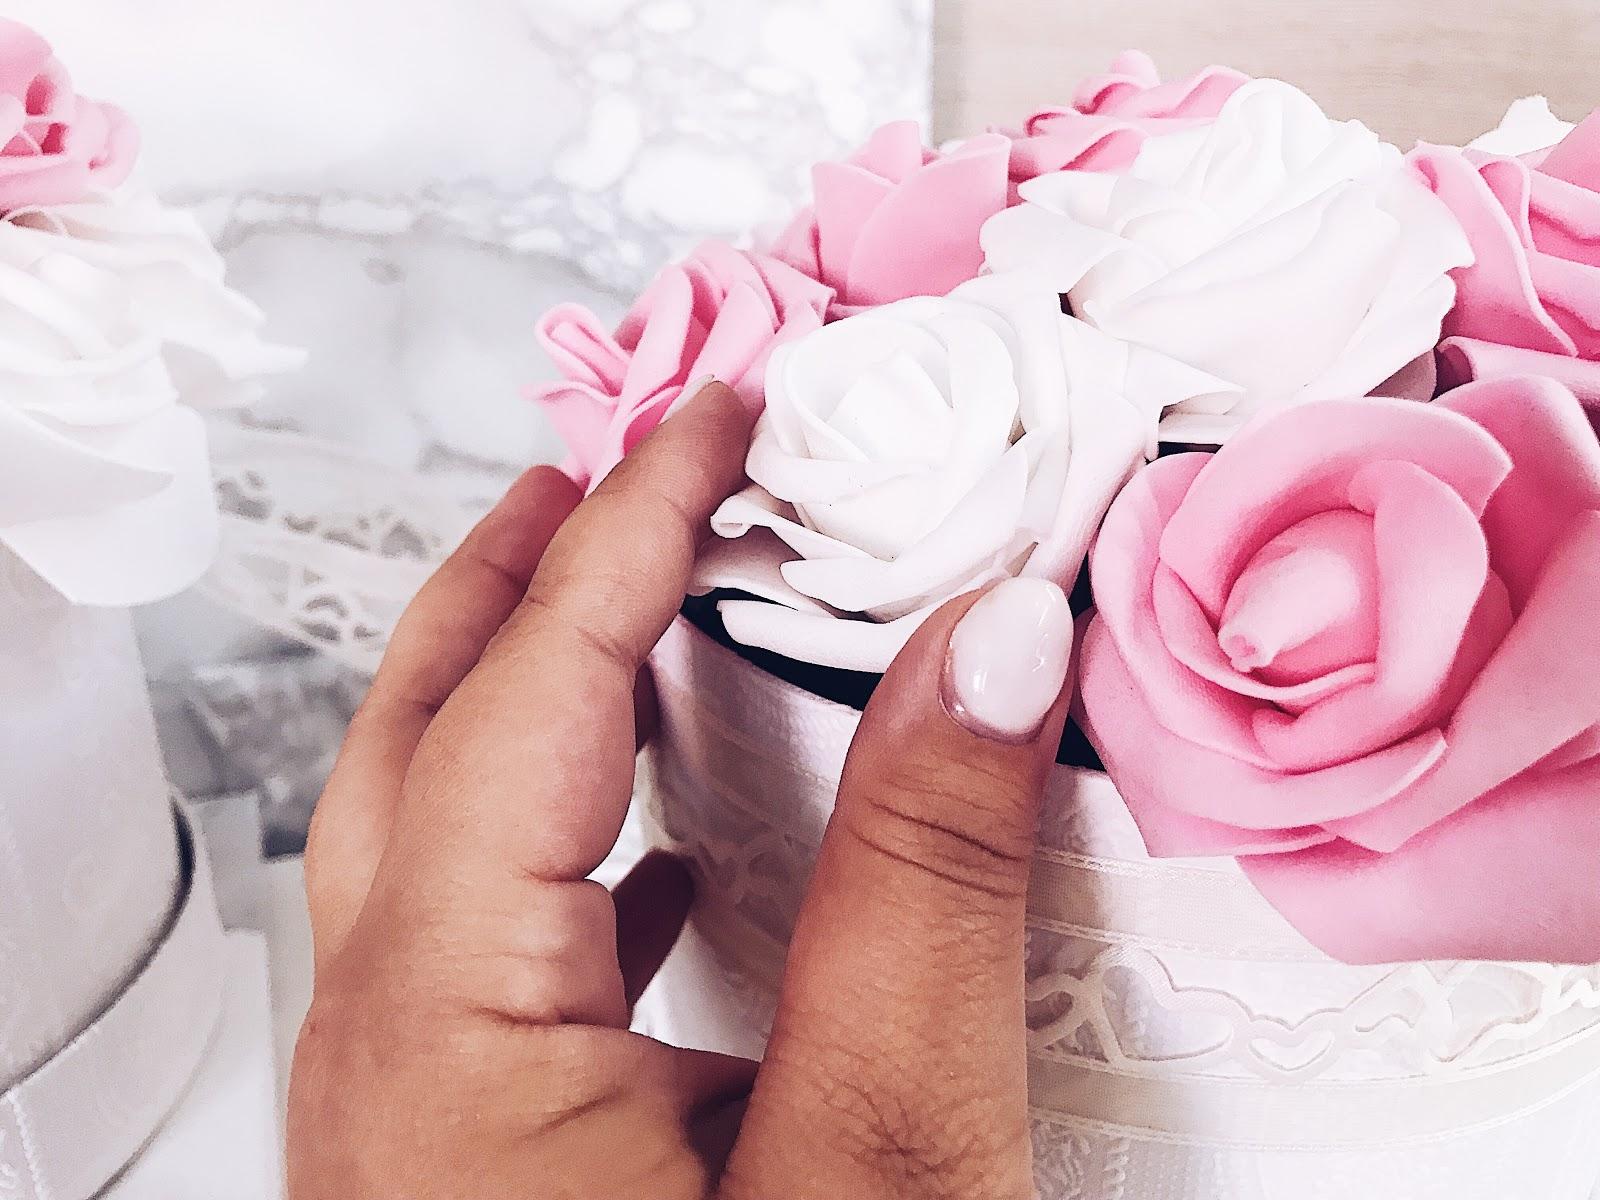 Ihr kennt bestimmt die Flowerboxen, die seit ein paar Jahren bei den Youtubern und Bloggern im Fokus stehen, oder? Leider sind sie meistens sehr teuer! Ich habe heute auf meinem Blog www.moreaboutdanie.at ein tolles DIY wie ihr eure ganz persönliche Fowerbox selbst basteln und gestalten könnt. Eine Anleitung inklusive Einkaufsliste zu euer Flowerbox findest du ab sofort auf meinem Blog! Viel Spaß beim ausprobieren!